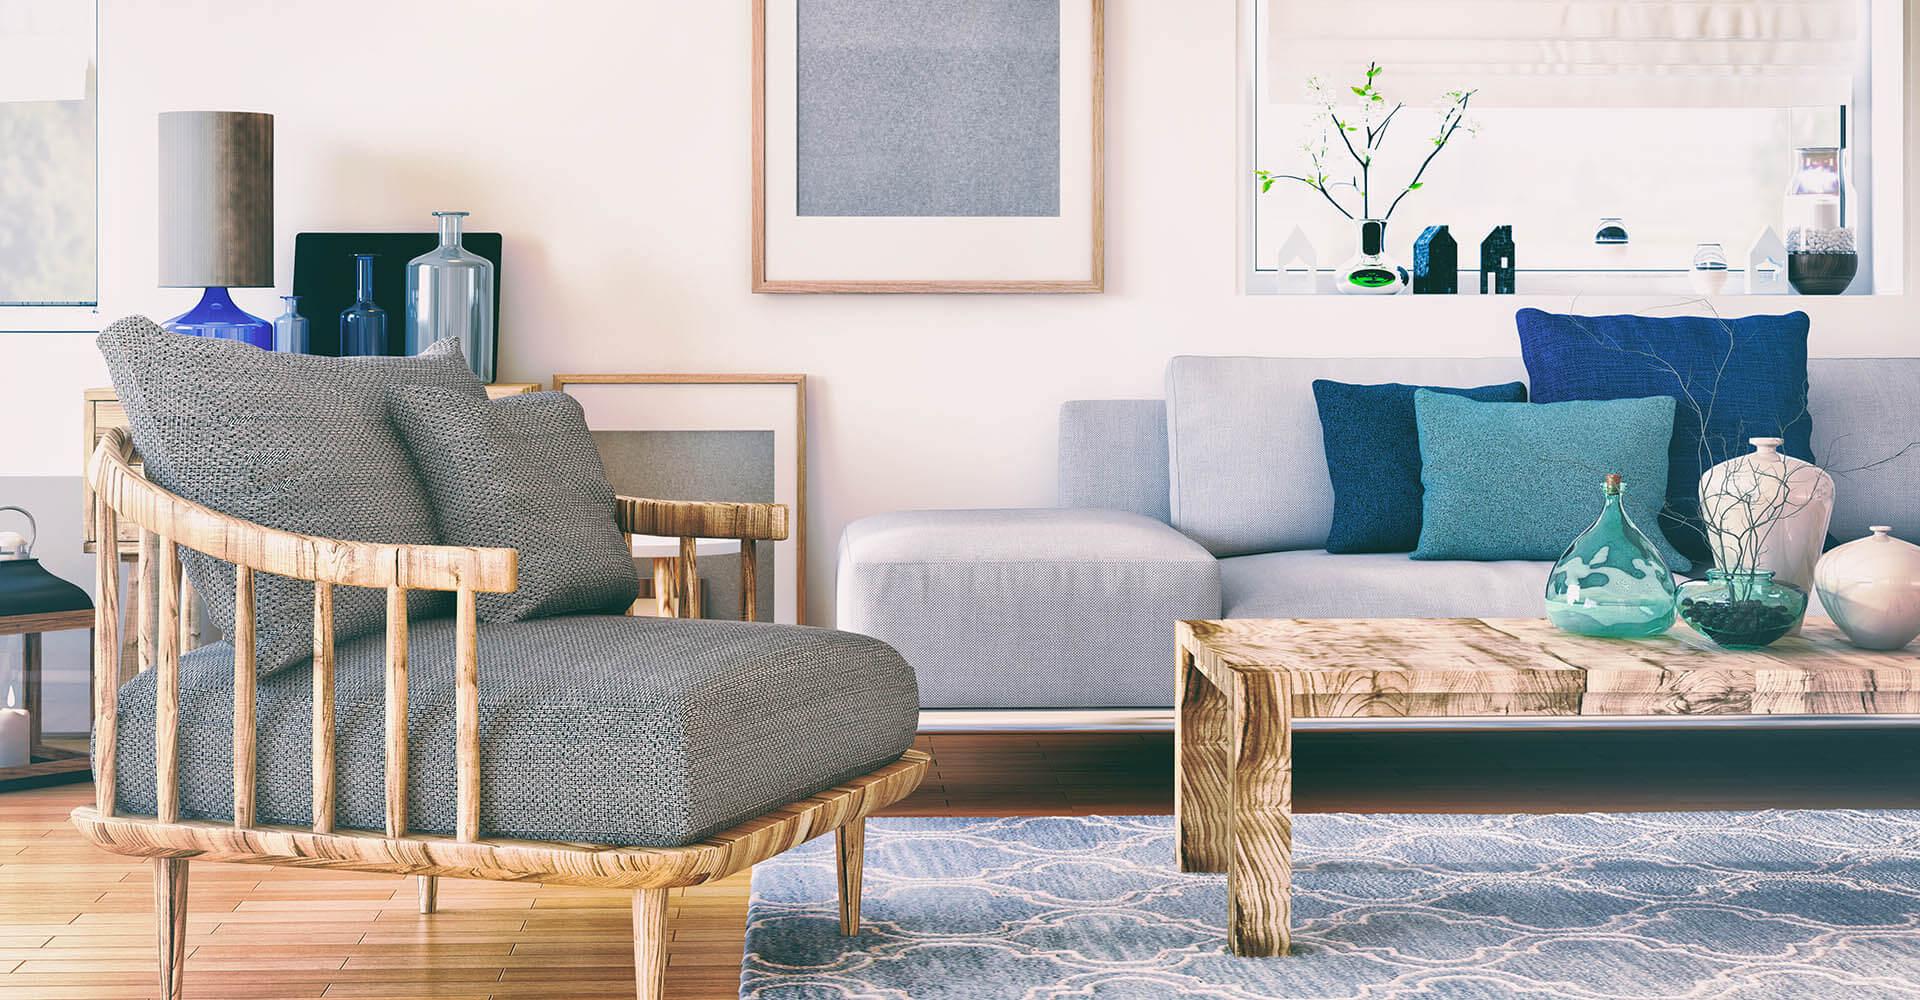 wohnzimmer gem tlich einrichten 8 schnell umsetzbare tipps. Black Bedroom Furniture Sets. Home Design Ideas